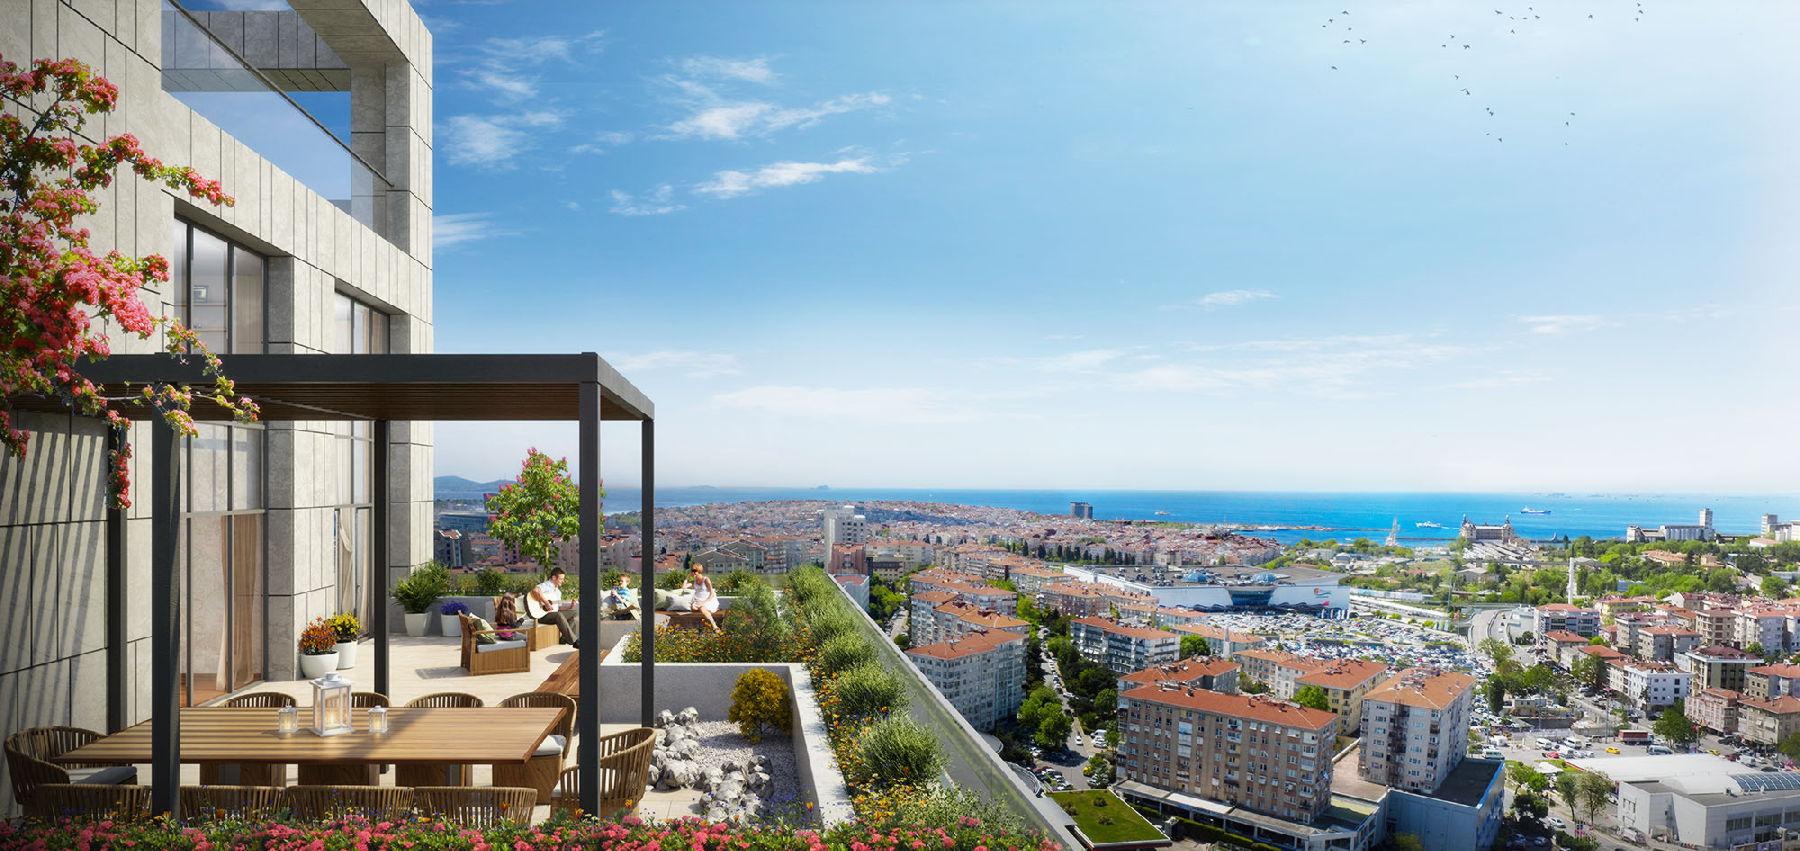 «Умные» квартиры в новом жилом комплексе Стамбула - Фото 26